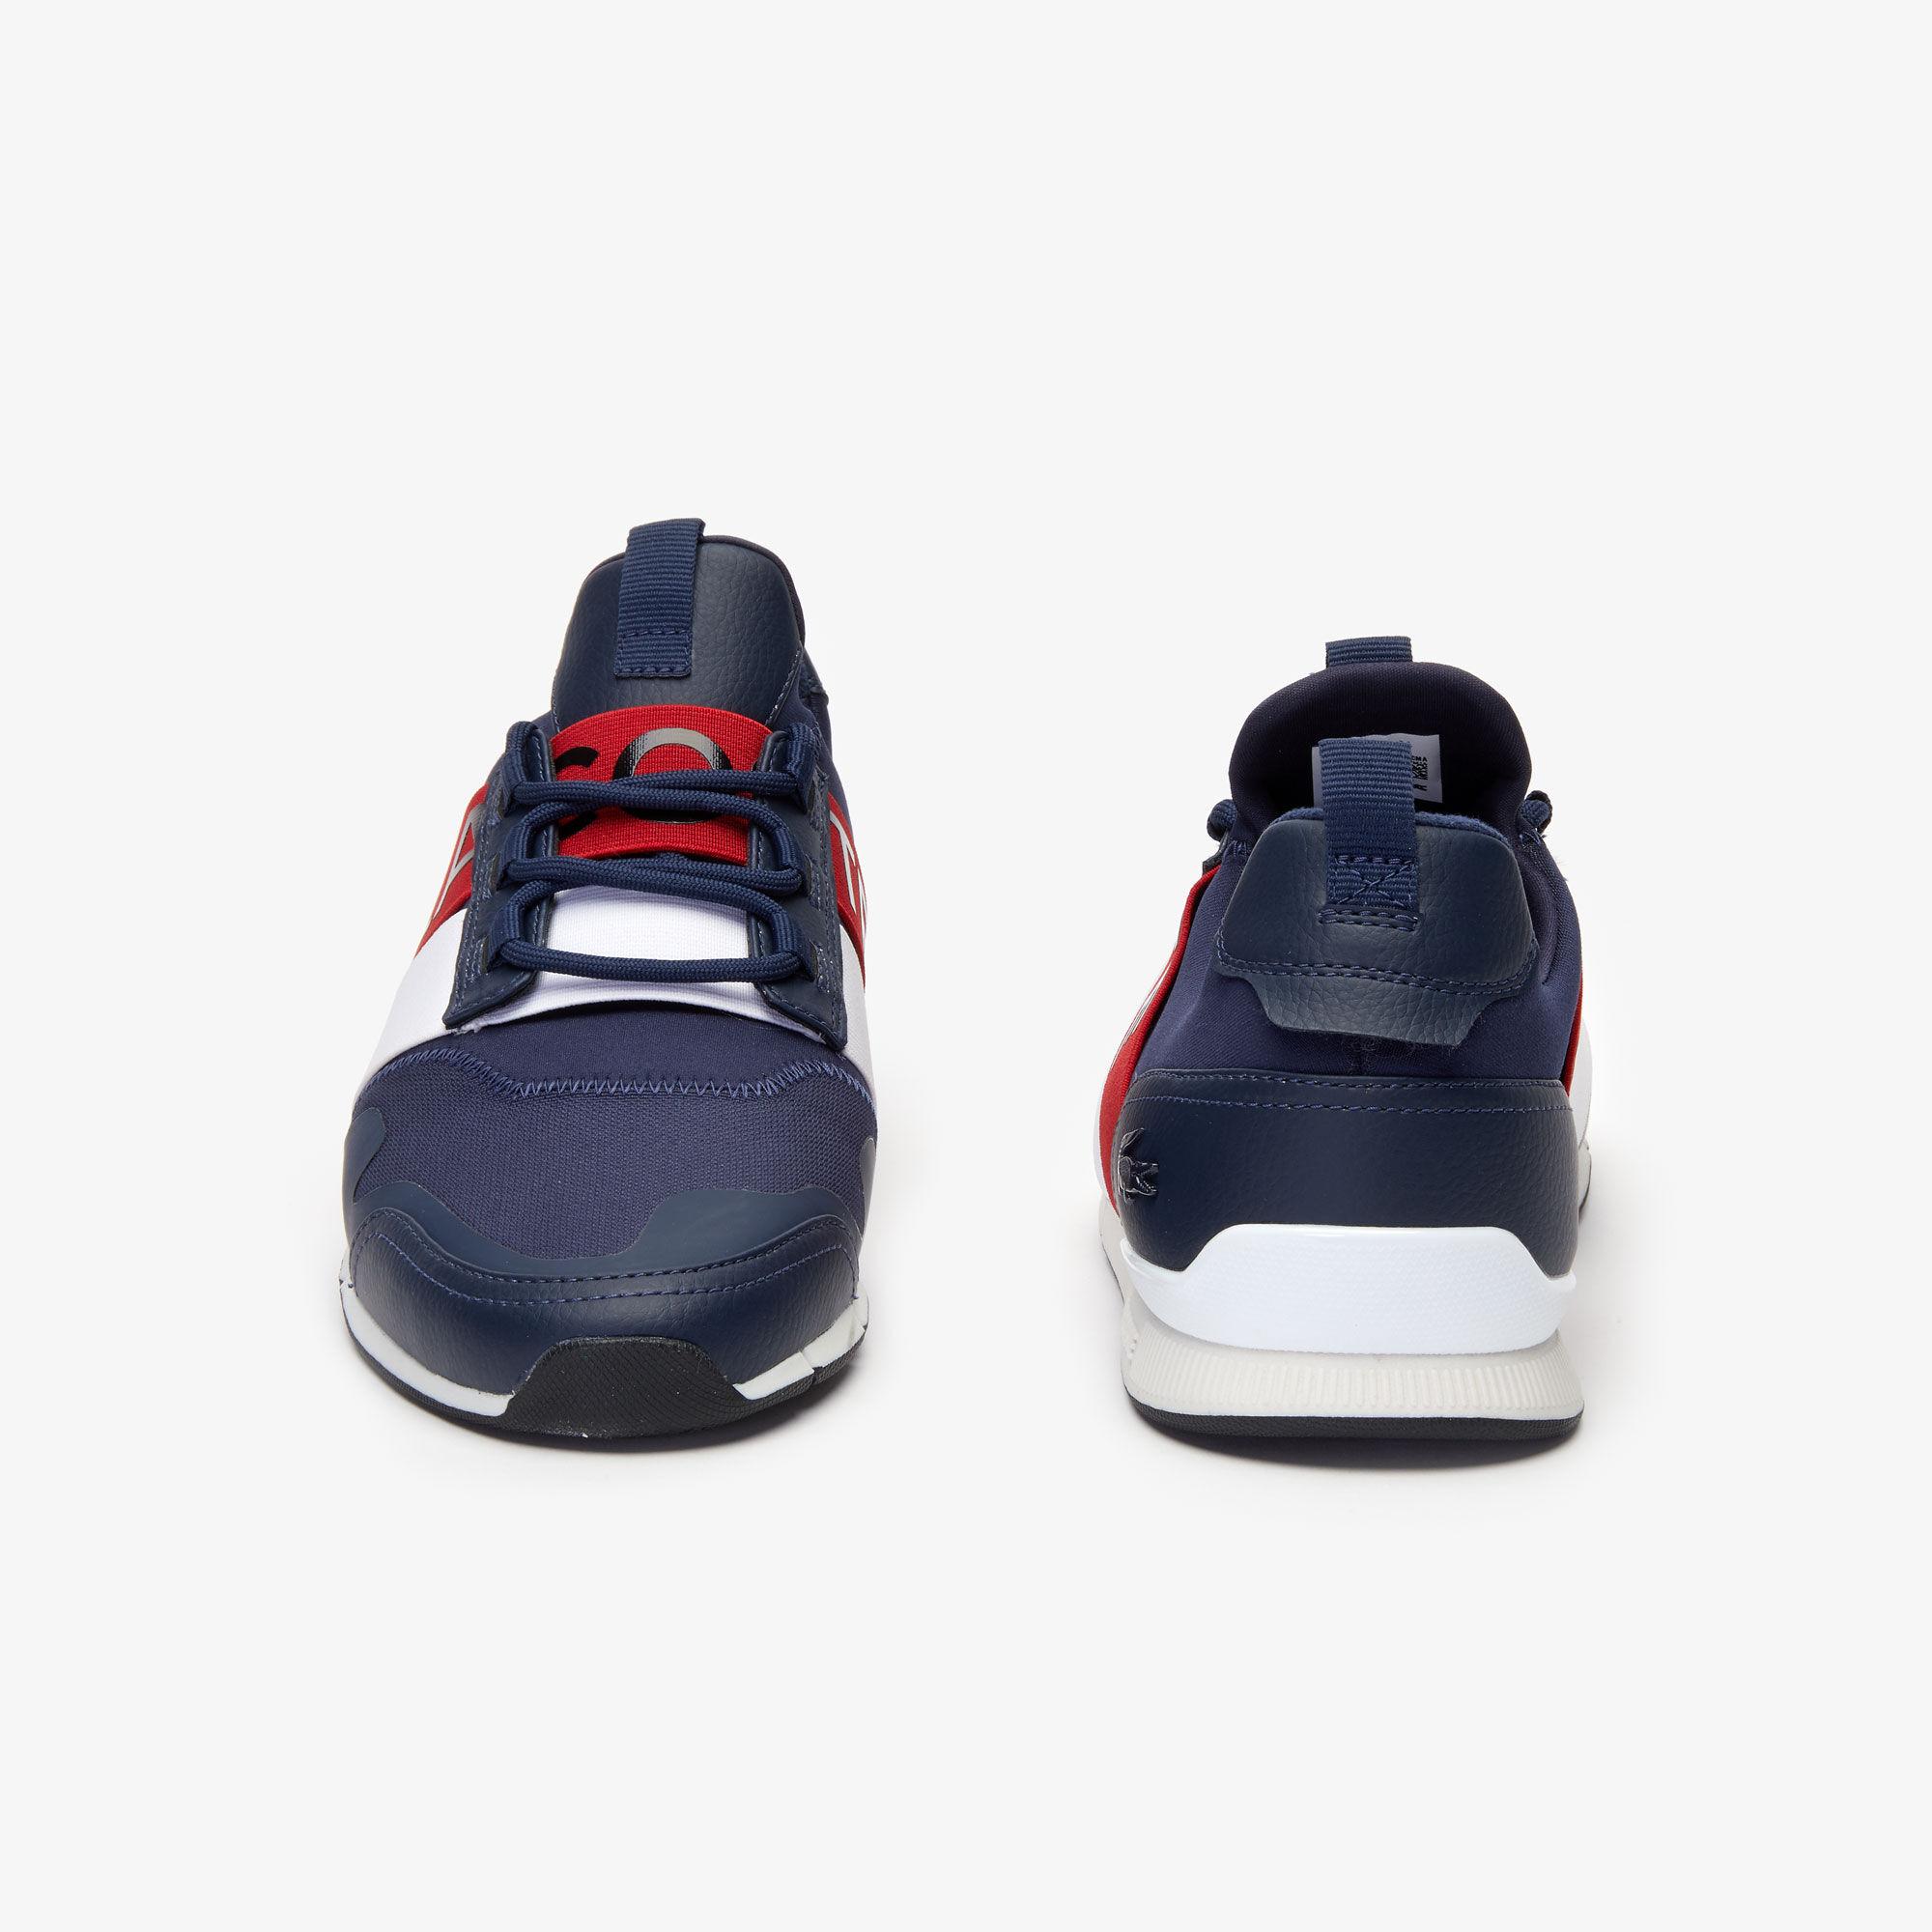 حذاء رياضي للرجال من القماش والمواد الاصطناعية من مجموعة Menerva Elite